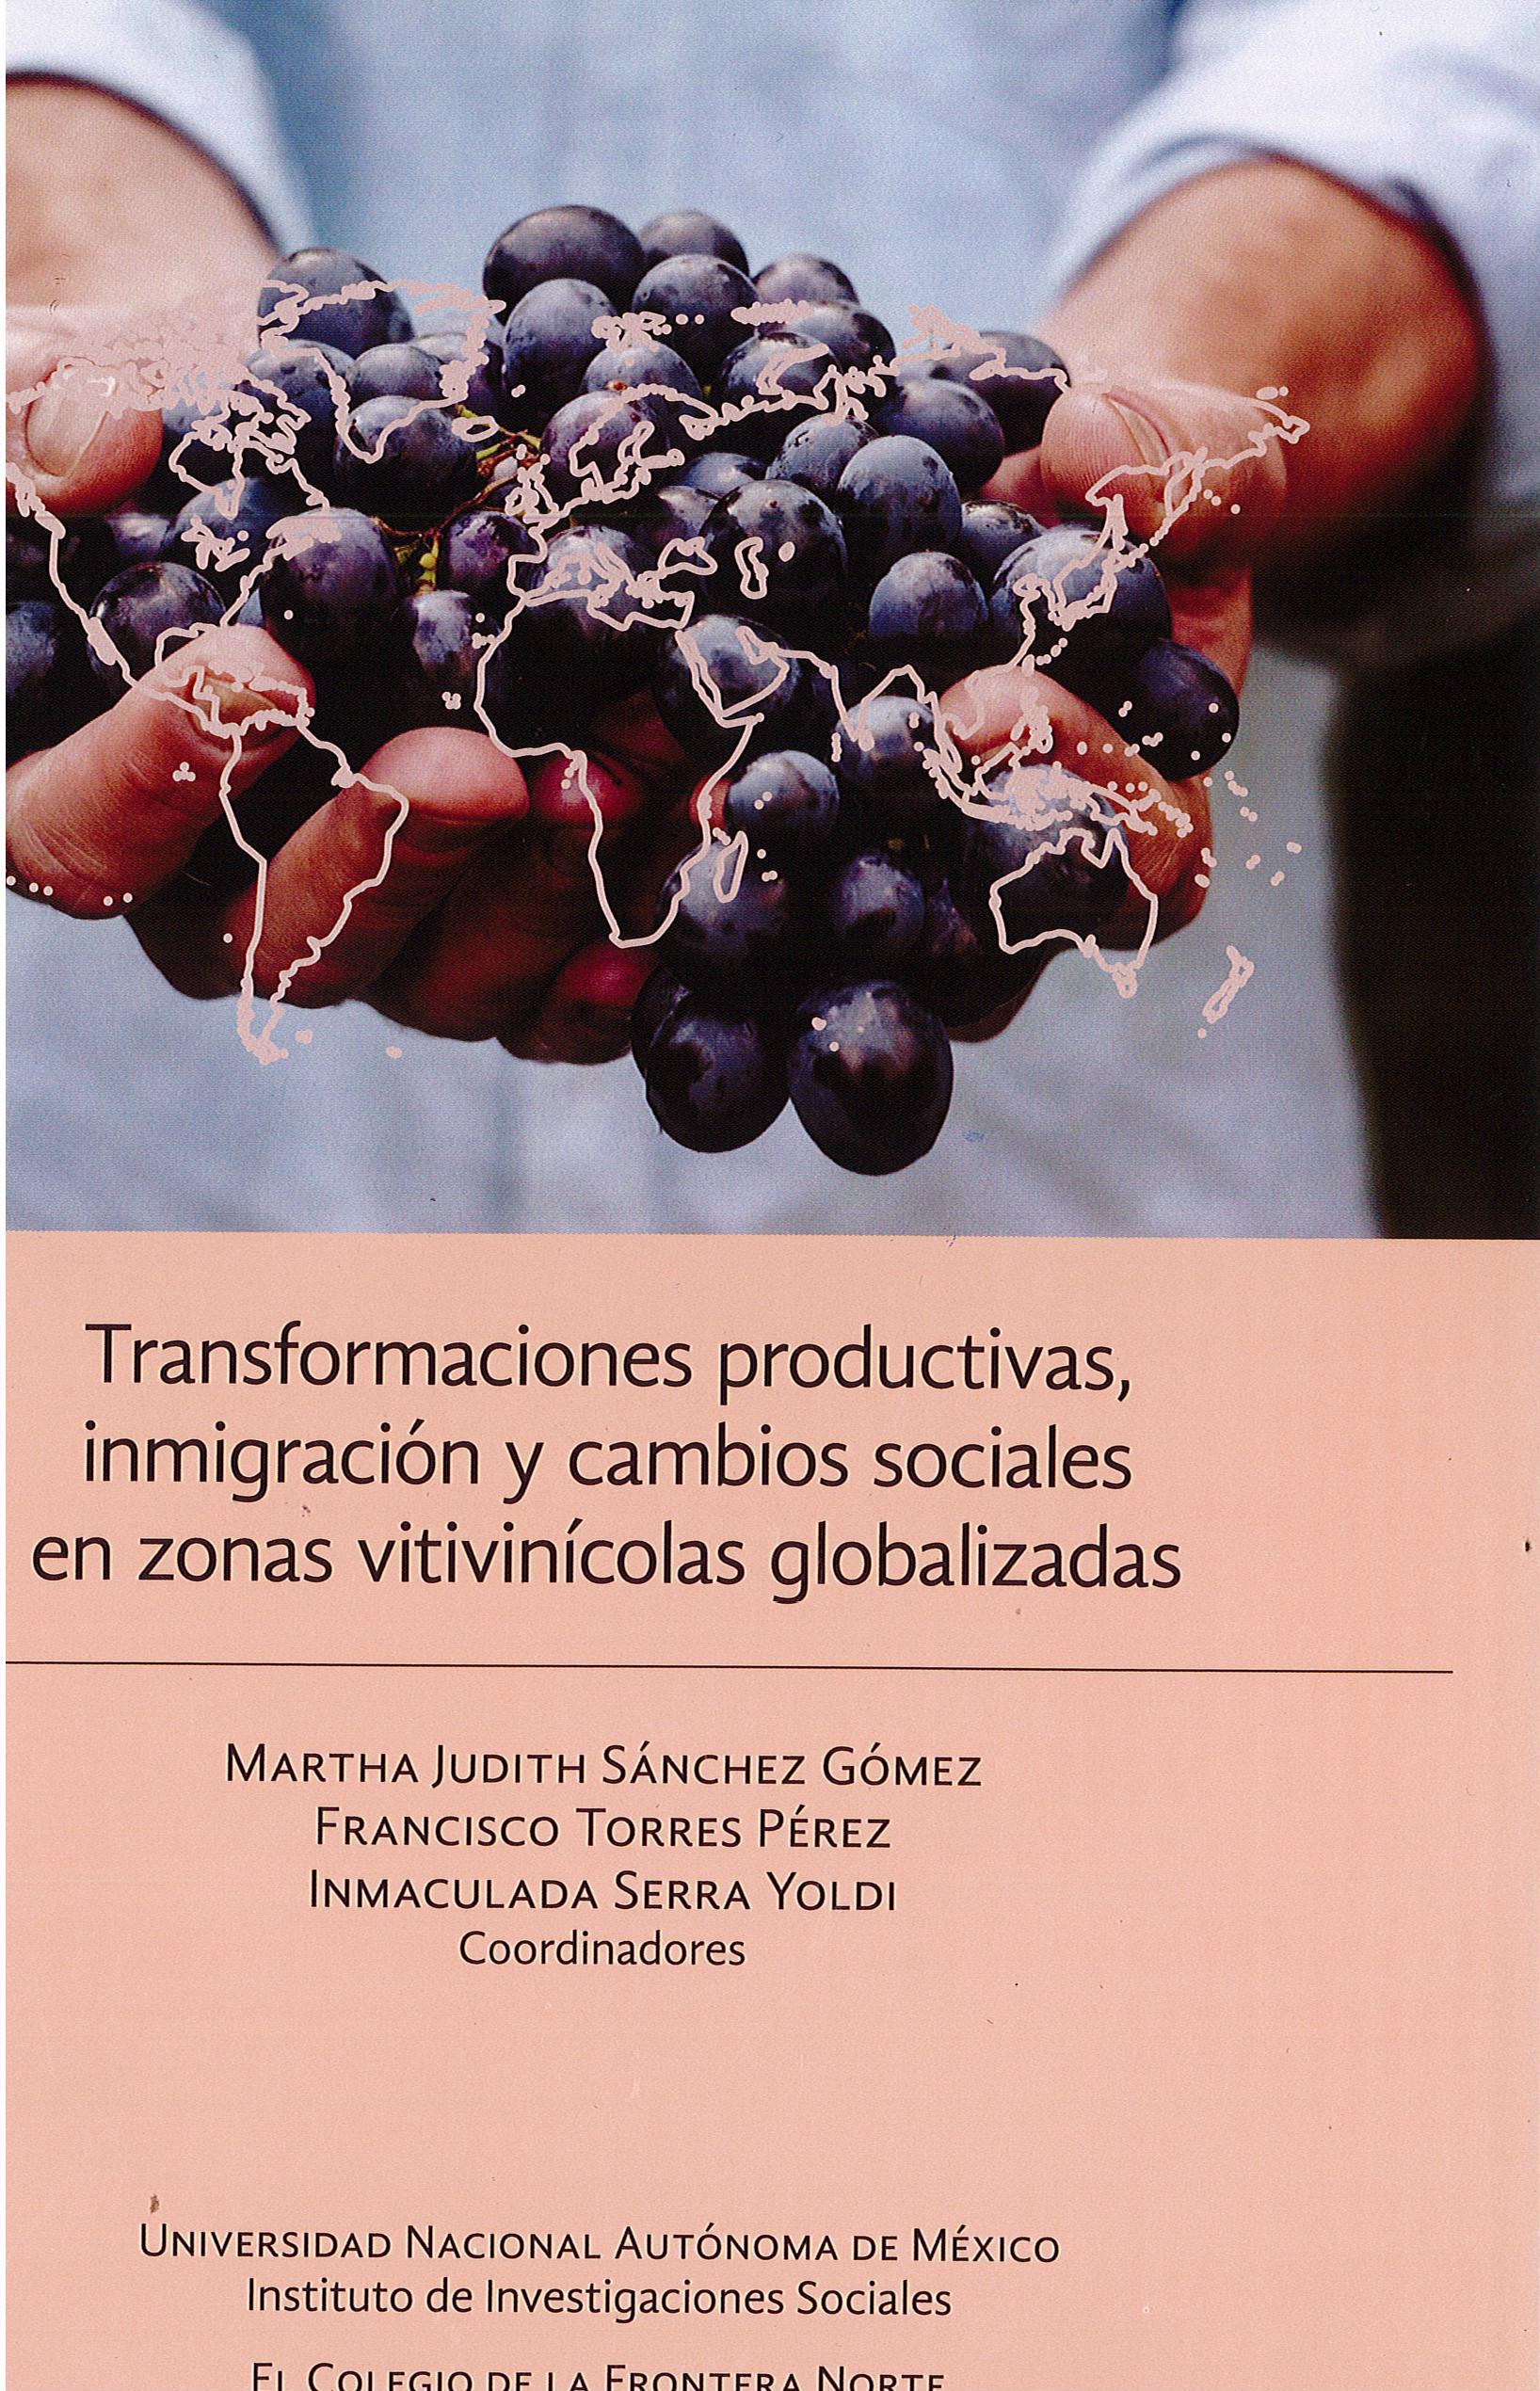 Portada de Transformaciones productivas, inmigración y cambios sociales en zonas vitivinícolas globalizadas.